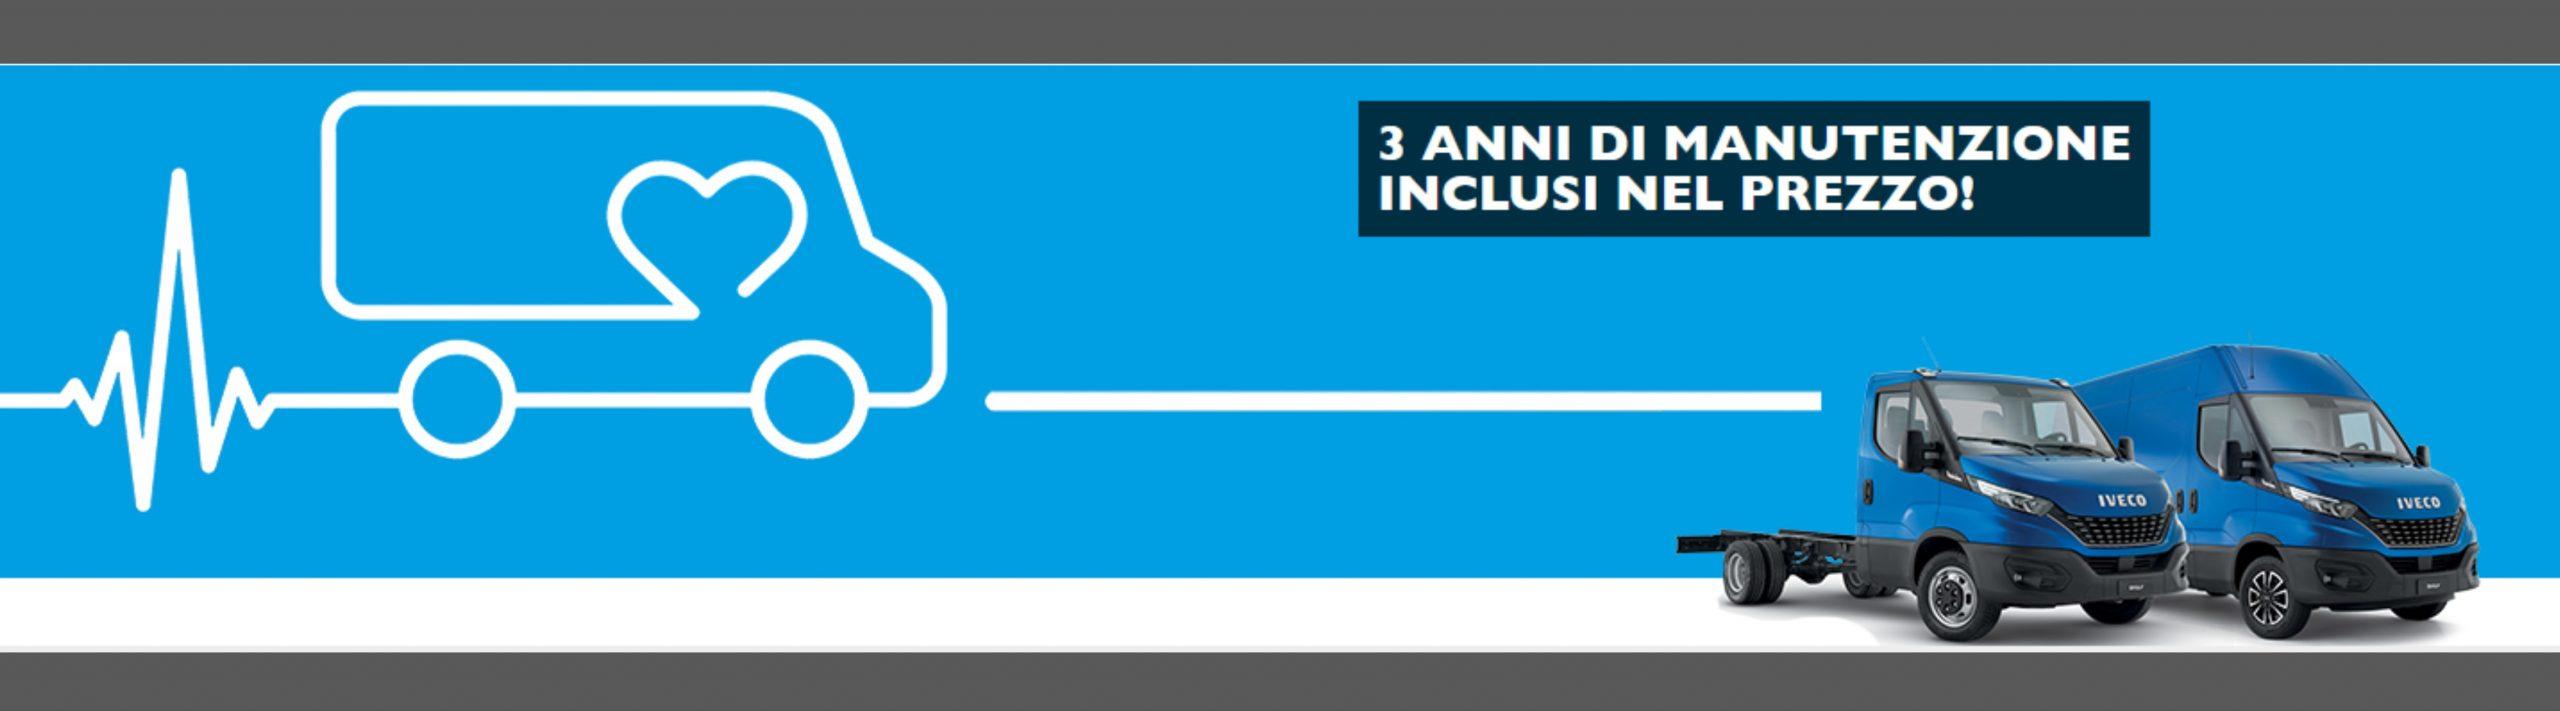 IVECO DAILY CON 3 ANNI DI MANUTENZIONE INCLUSI NEL PREZZO!